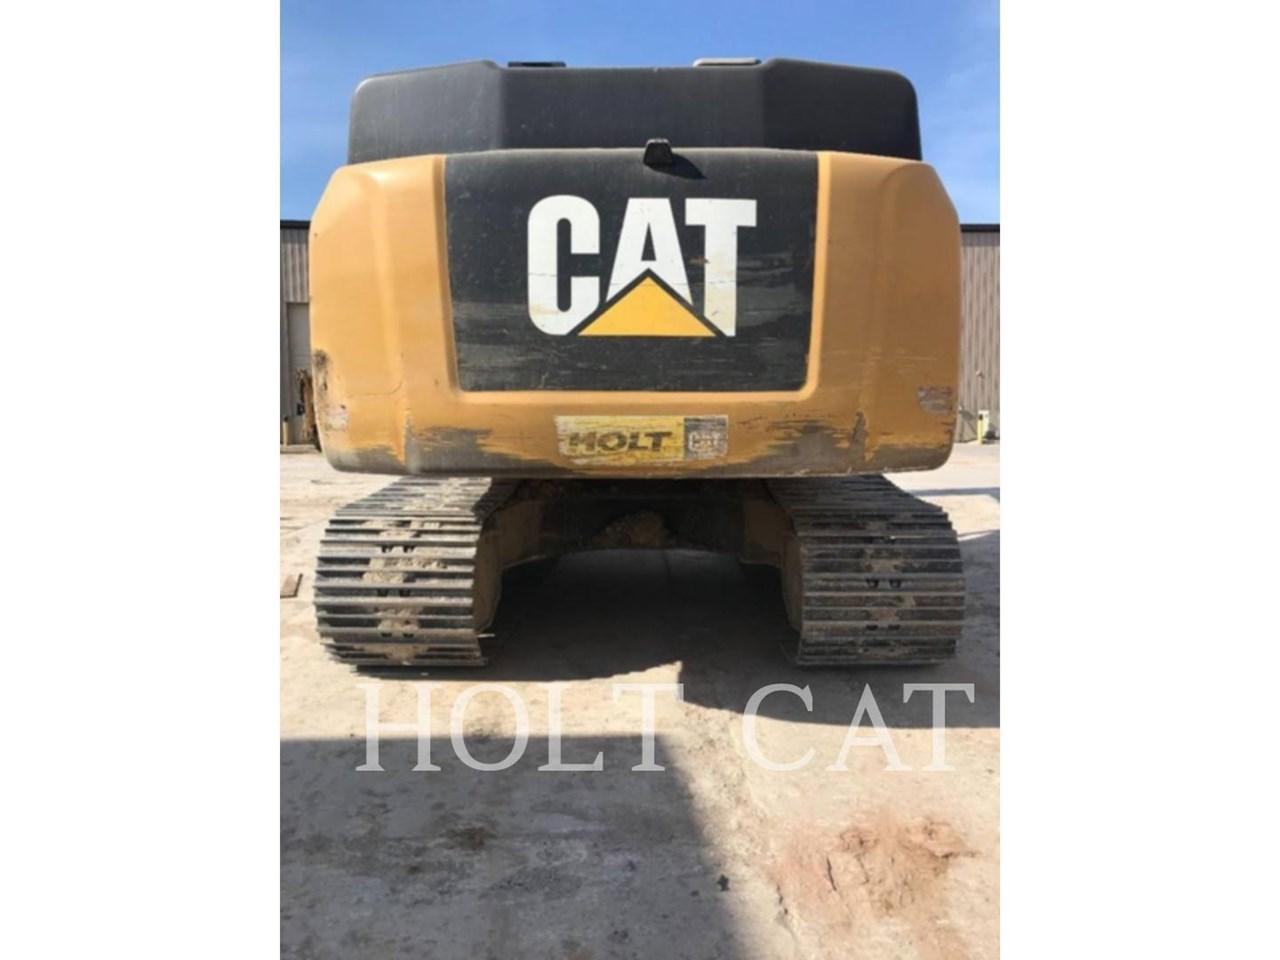 2019 Caterpillar 336 Image 4